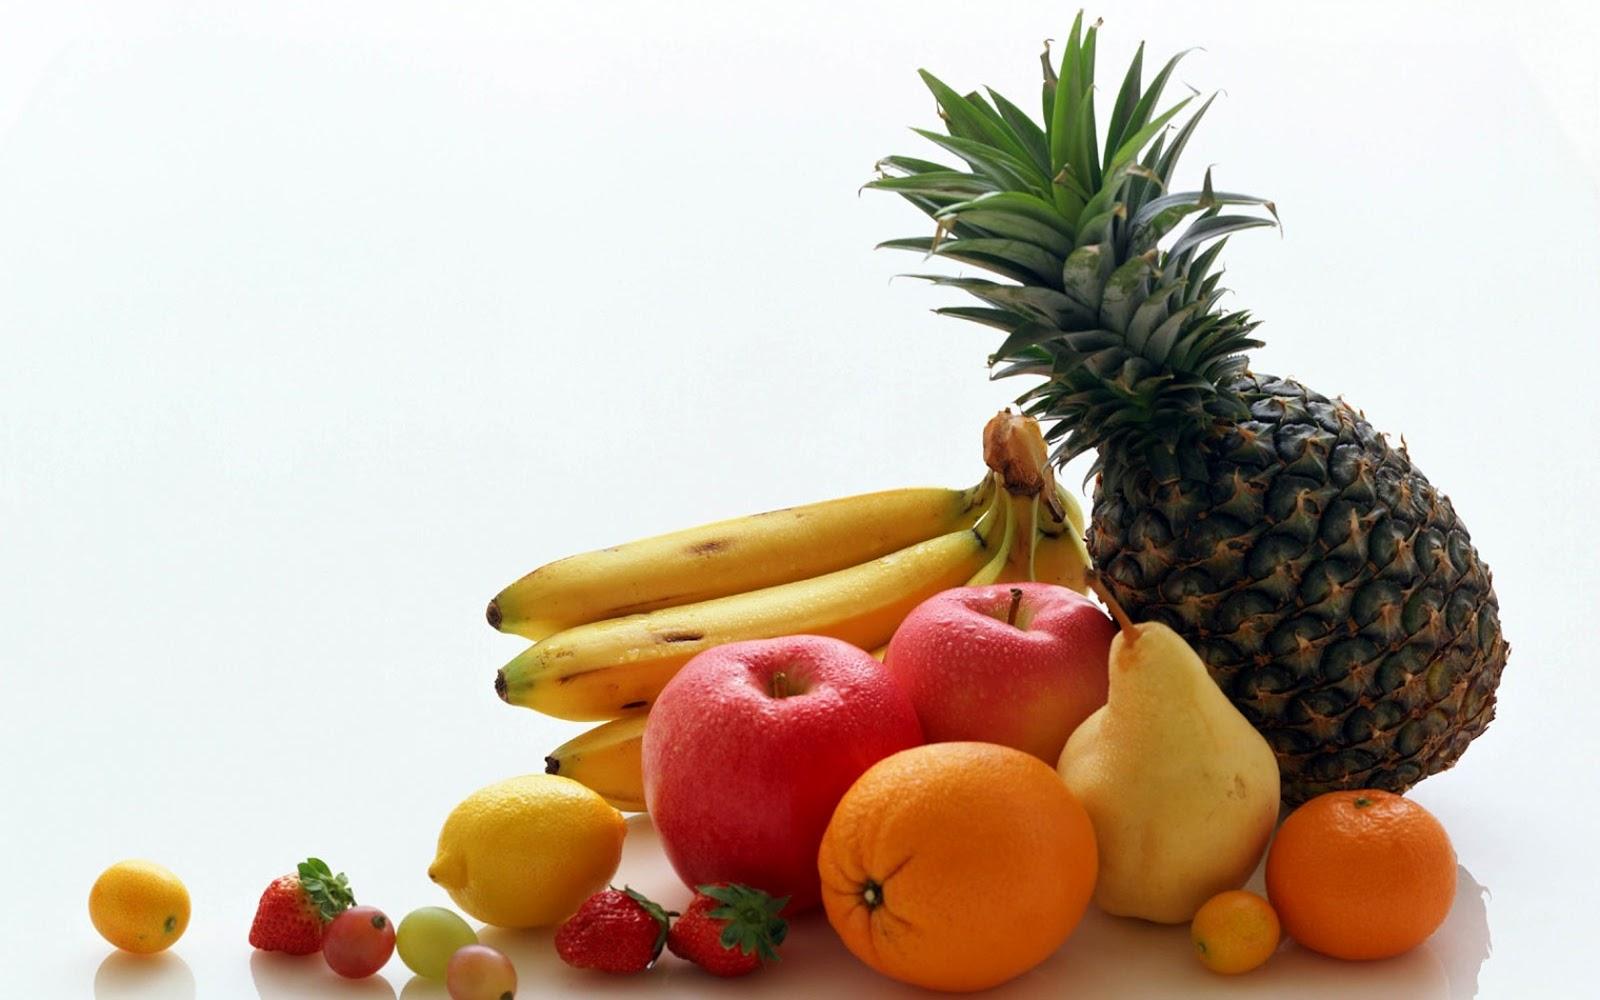 fruits hd wallpapers 1080p fruits hd wallpapers 1080p fruits hd 1600x1000